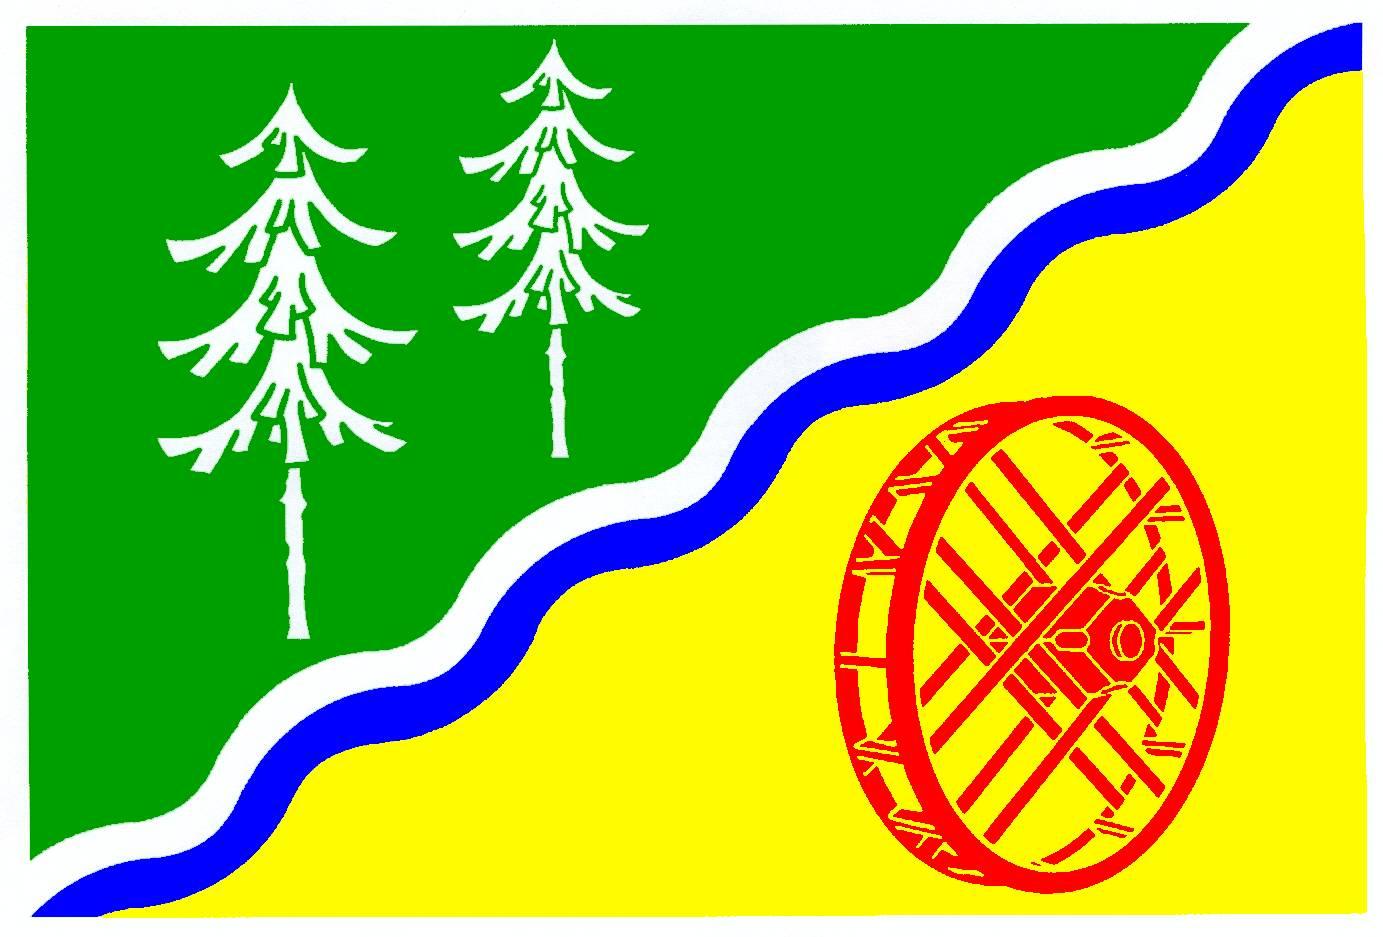 Flagge GemeindeGrande, Kreis Stormarn